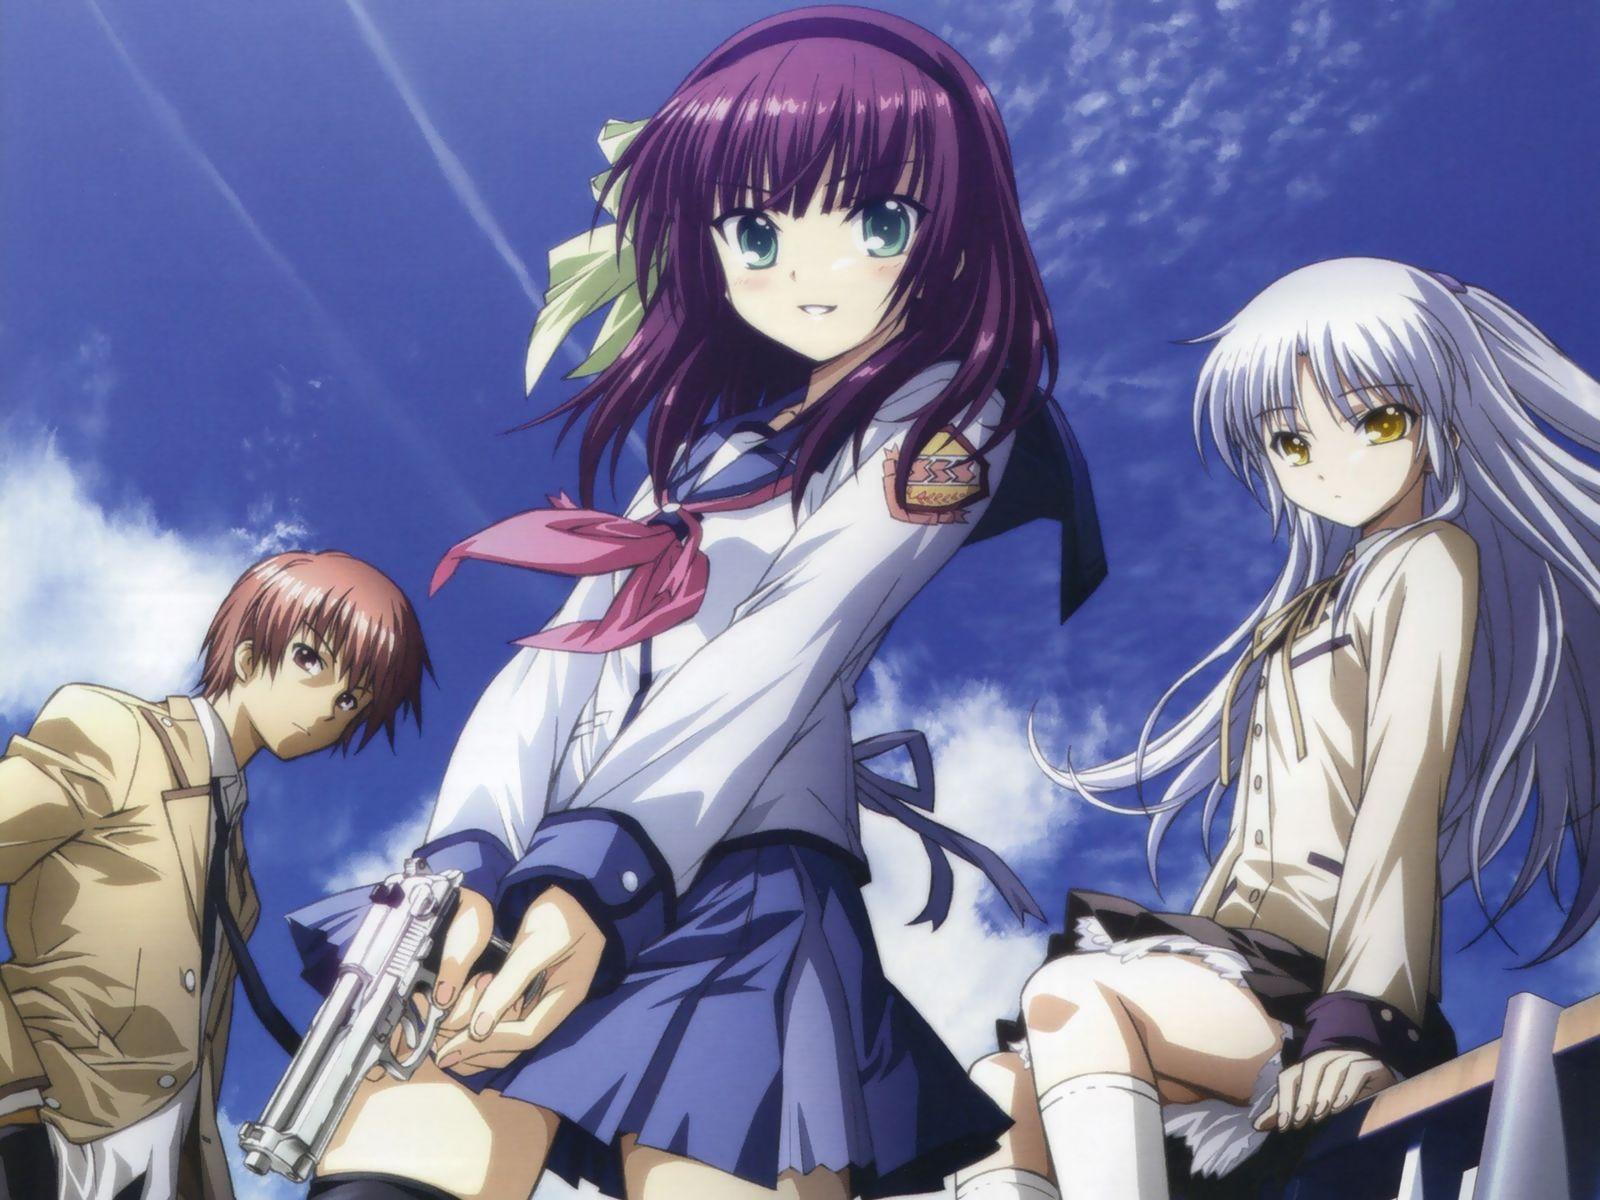 The main characters (from left to right) Otonashi, Yuri, and Angel (Kanade).